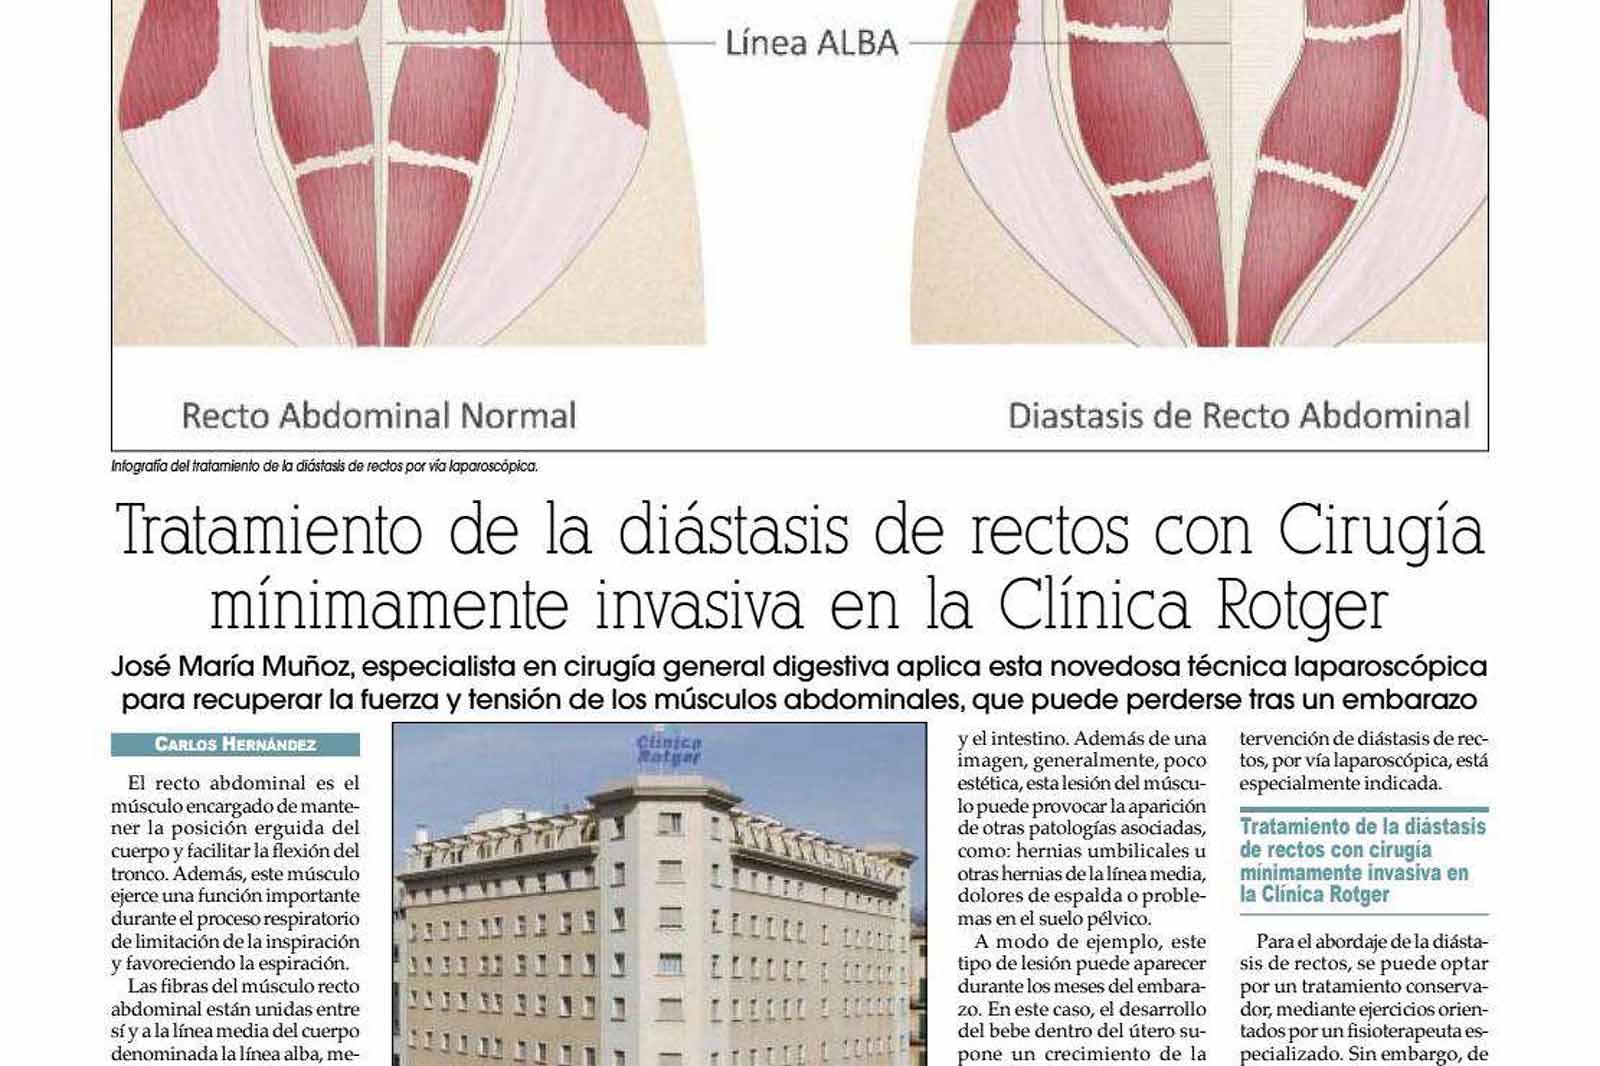 Cirugía Mínimamente Invasiva para el tratamiento de la Diástasis de Rectos en Clínica Rotger